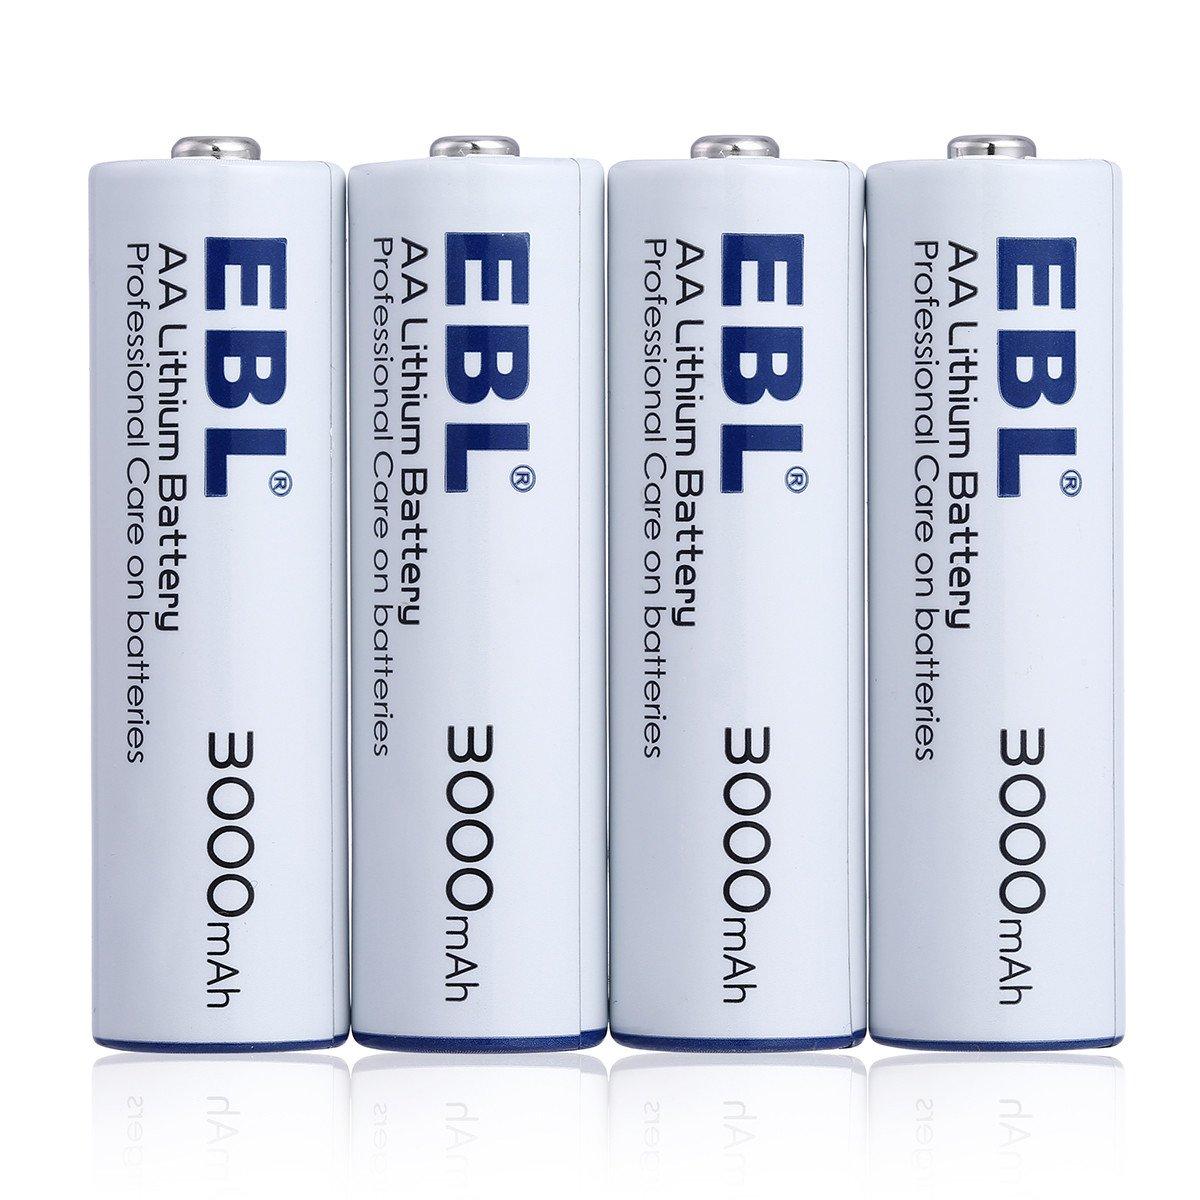 EBL Haltbarkeit Lithium Batterie AA Lithium Einwegbatterie 4er Pack mit Aufbewahrungsbox